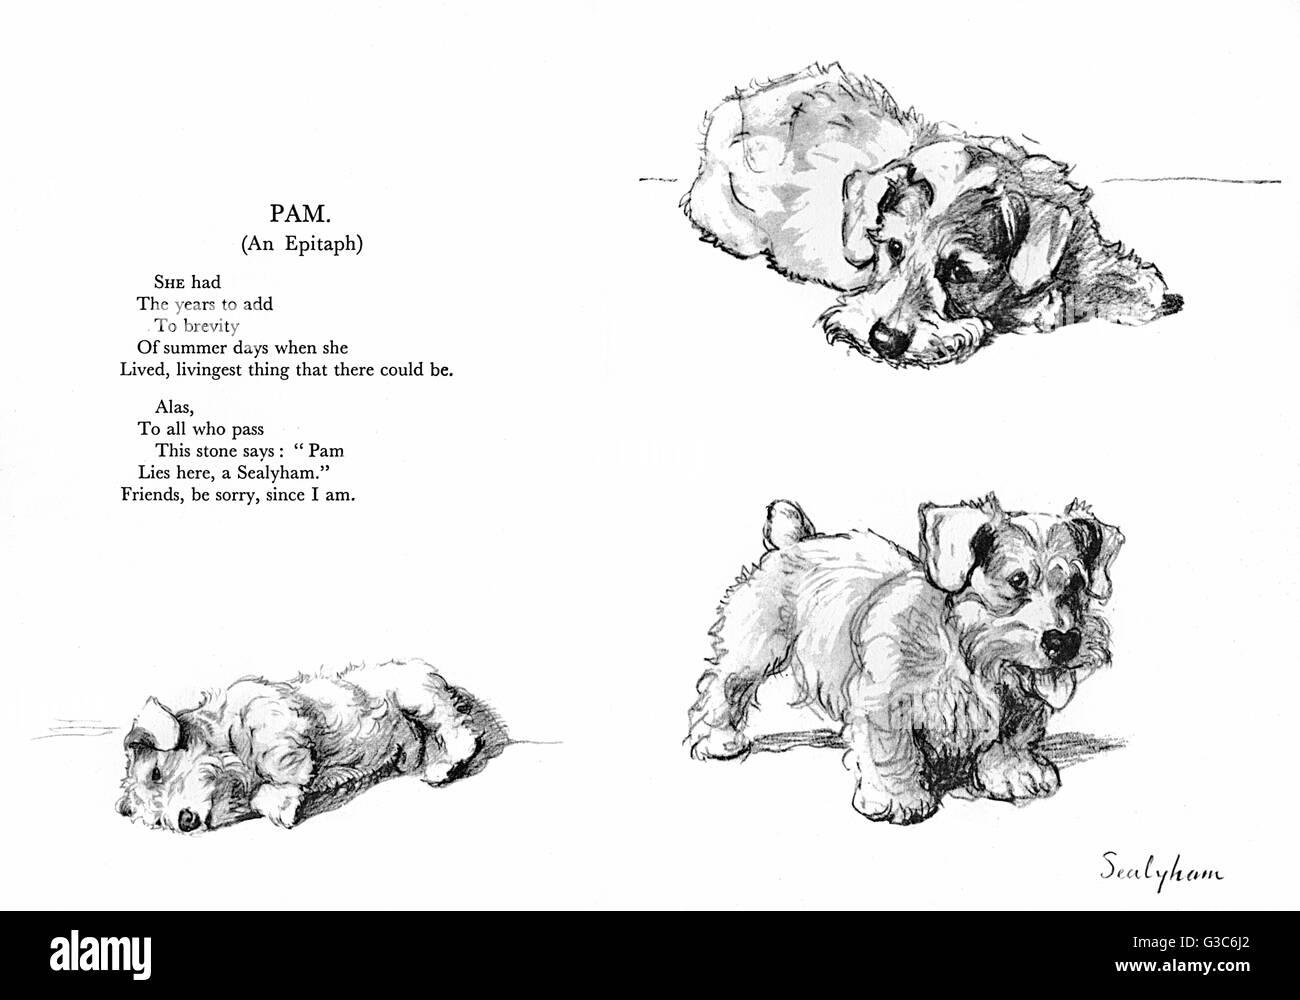 Trois illustrations d'un Sealyham Terrier (Pam) par Cecil Aldin, avec une épitaphe poétique par Patrick Photo Stock